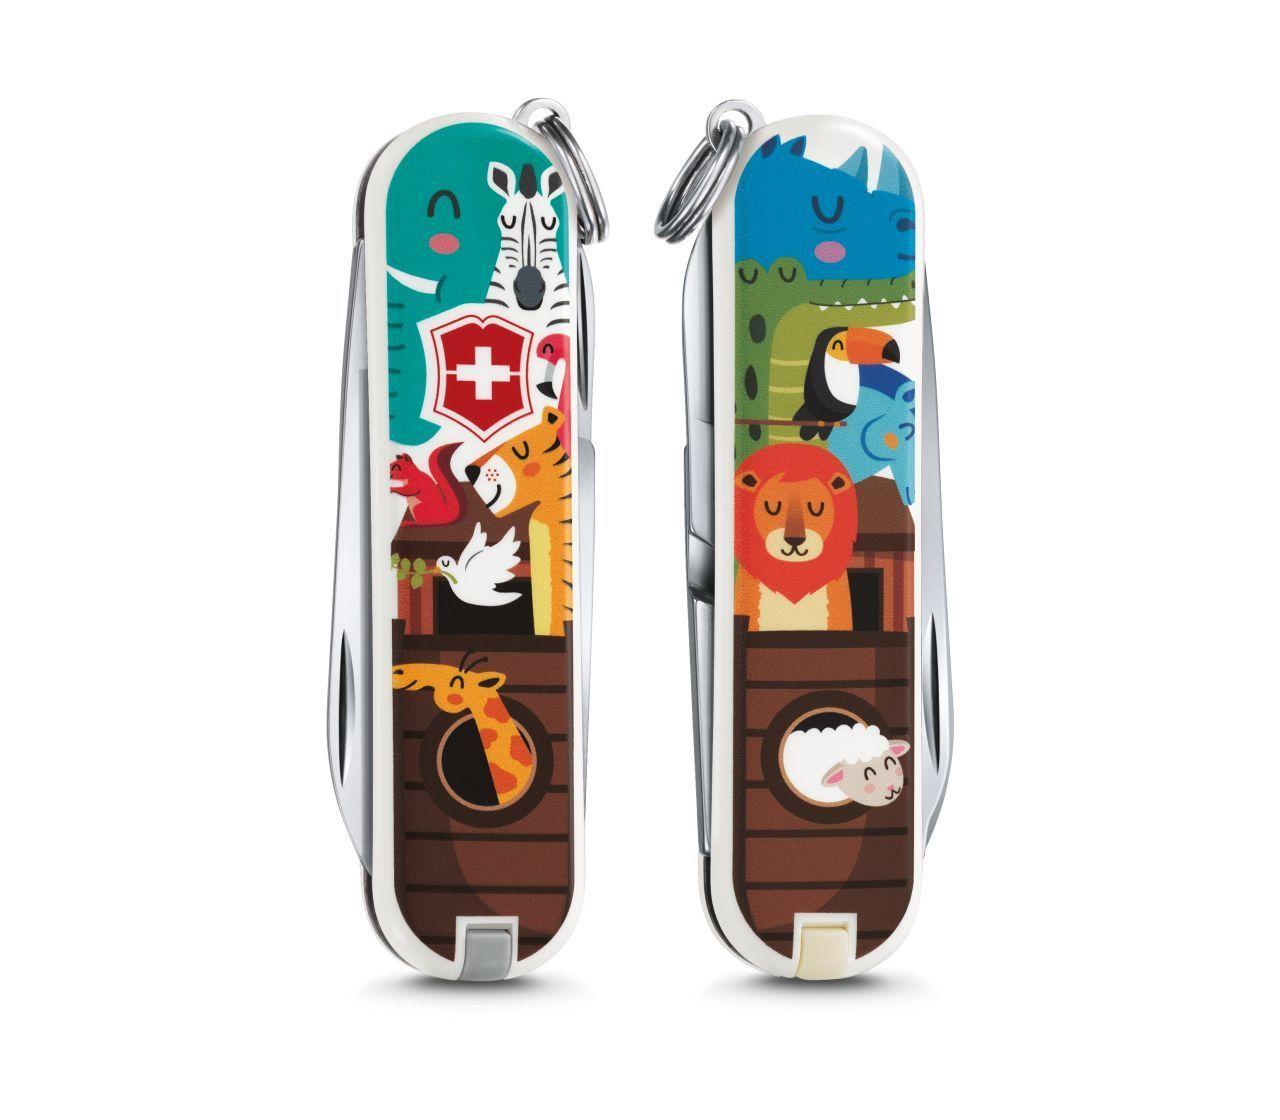 Складной нож Victorinox Classic limited edition 2017 The Ark (0.6223.L1703) 58мм 7функцийШвейцарские армейские ножи Victorinox<br>Материал: высококачественная нержавеющая стальРукоять: глянцевый нейлонВес: 26.1г.<br>ФУНКЦИИ:<br><br>лезвие<br>ножницы<br>пилочка для ногтей с<br>отверткой 2.5 мм<br>кольцо для подвеса<br>зубочистка<br>пинцет<br>